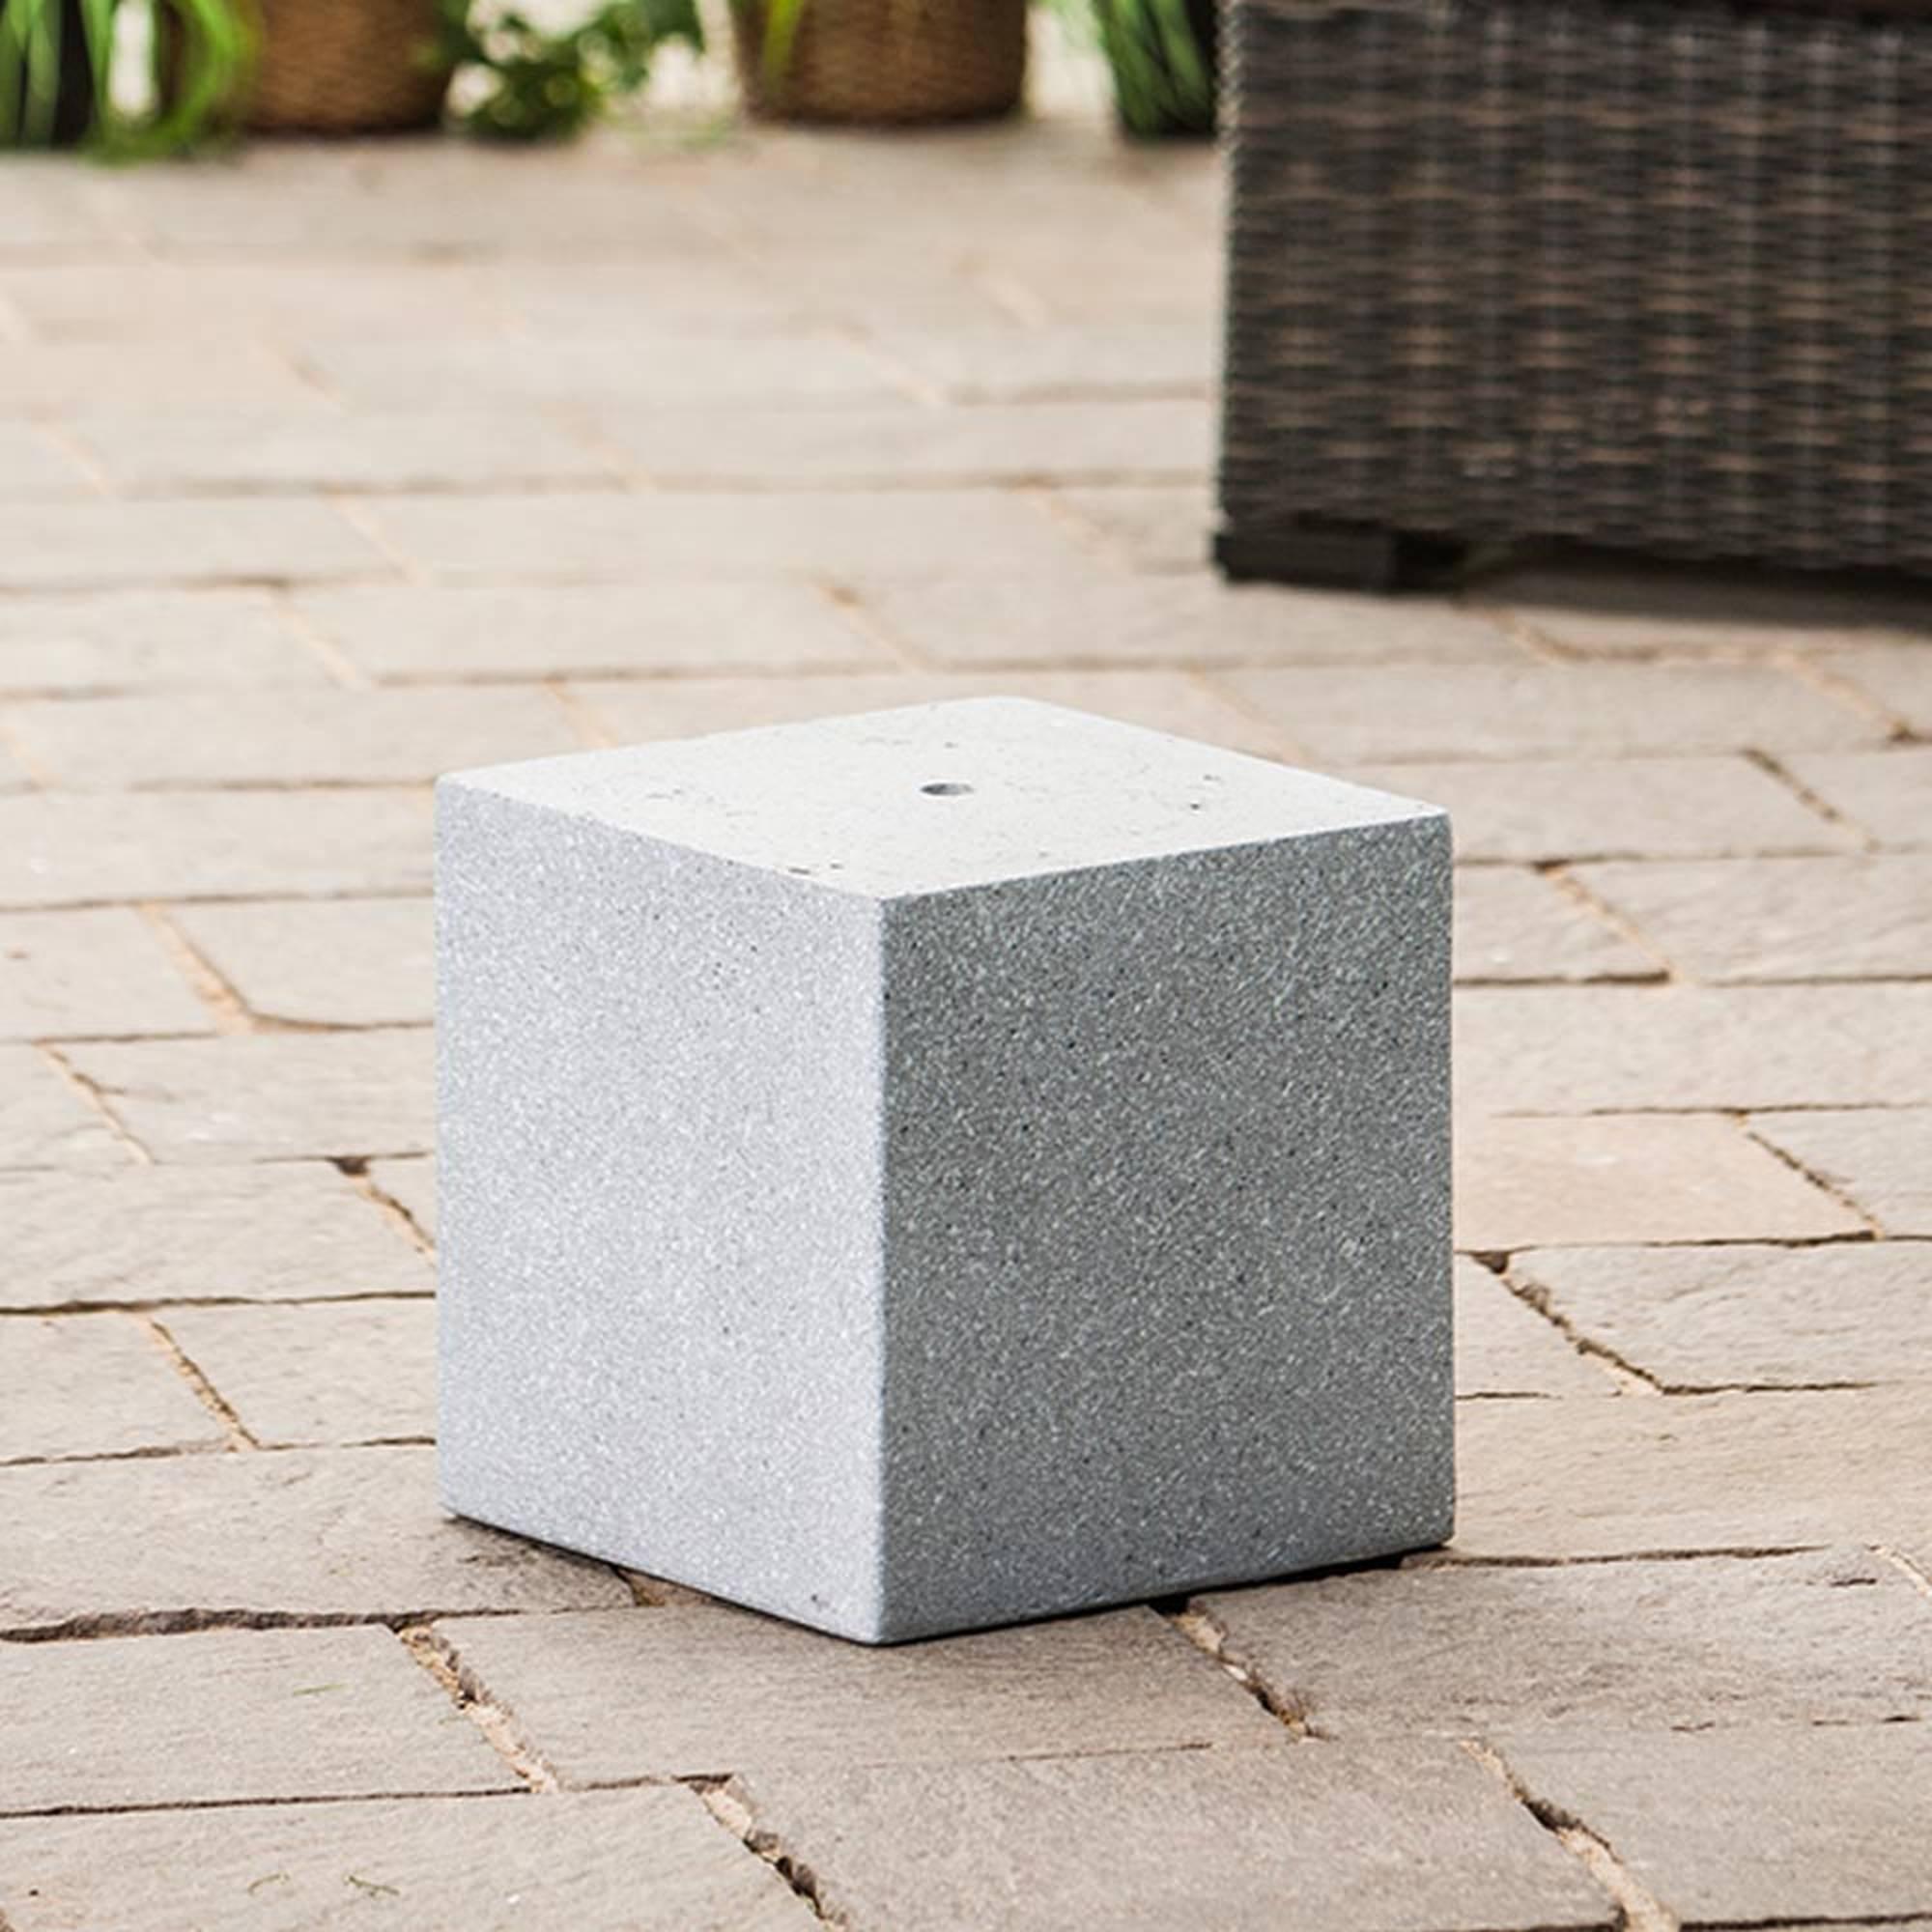 hellgraues quadratisches Podest für Gartenbrunnen auf Steinterrasse Nahaufnahme